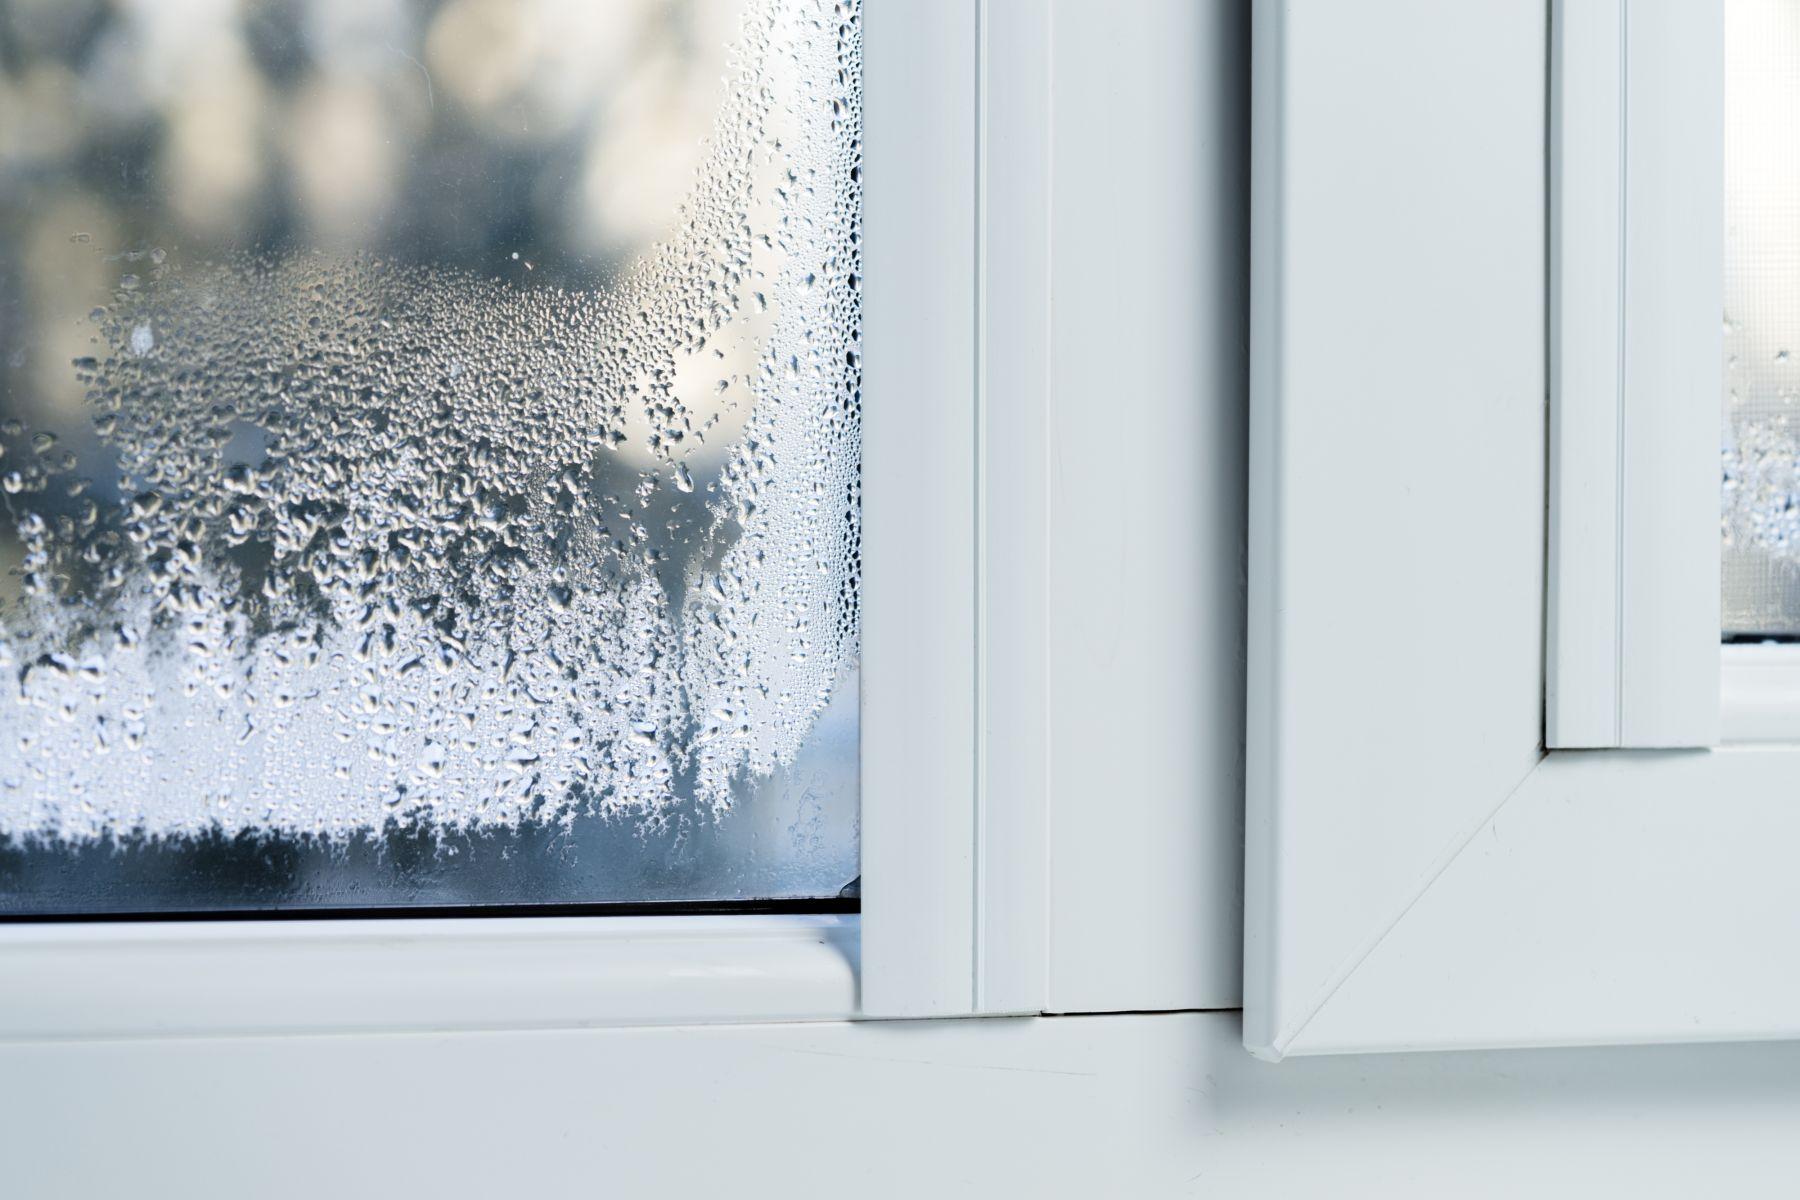 「反潮」千萬別開窗 快拿洗衣粉自製「除濕器」